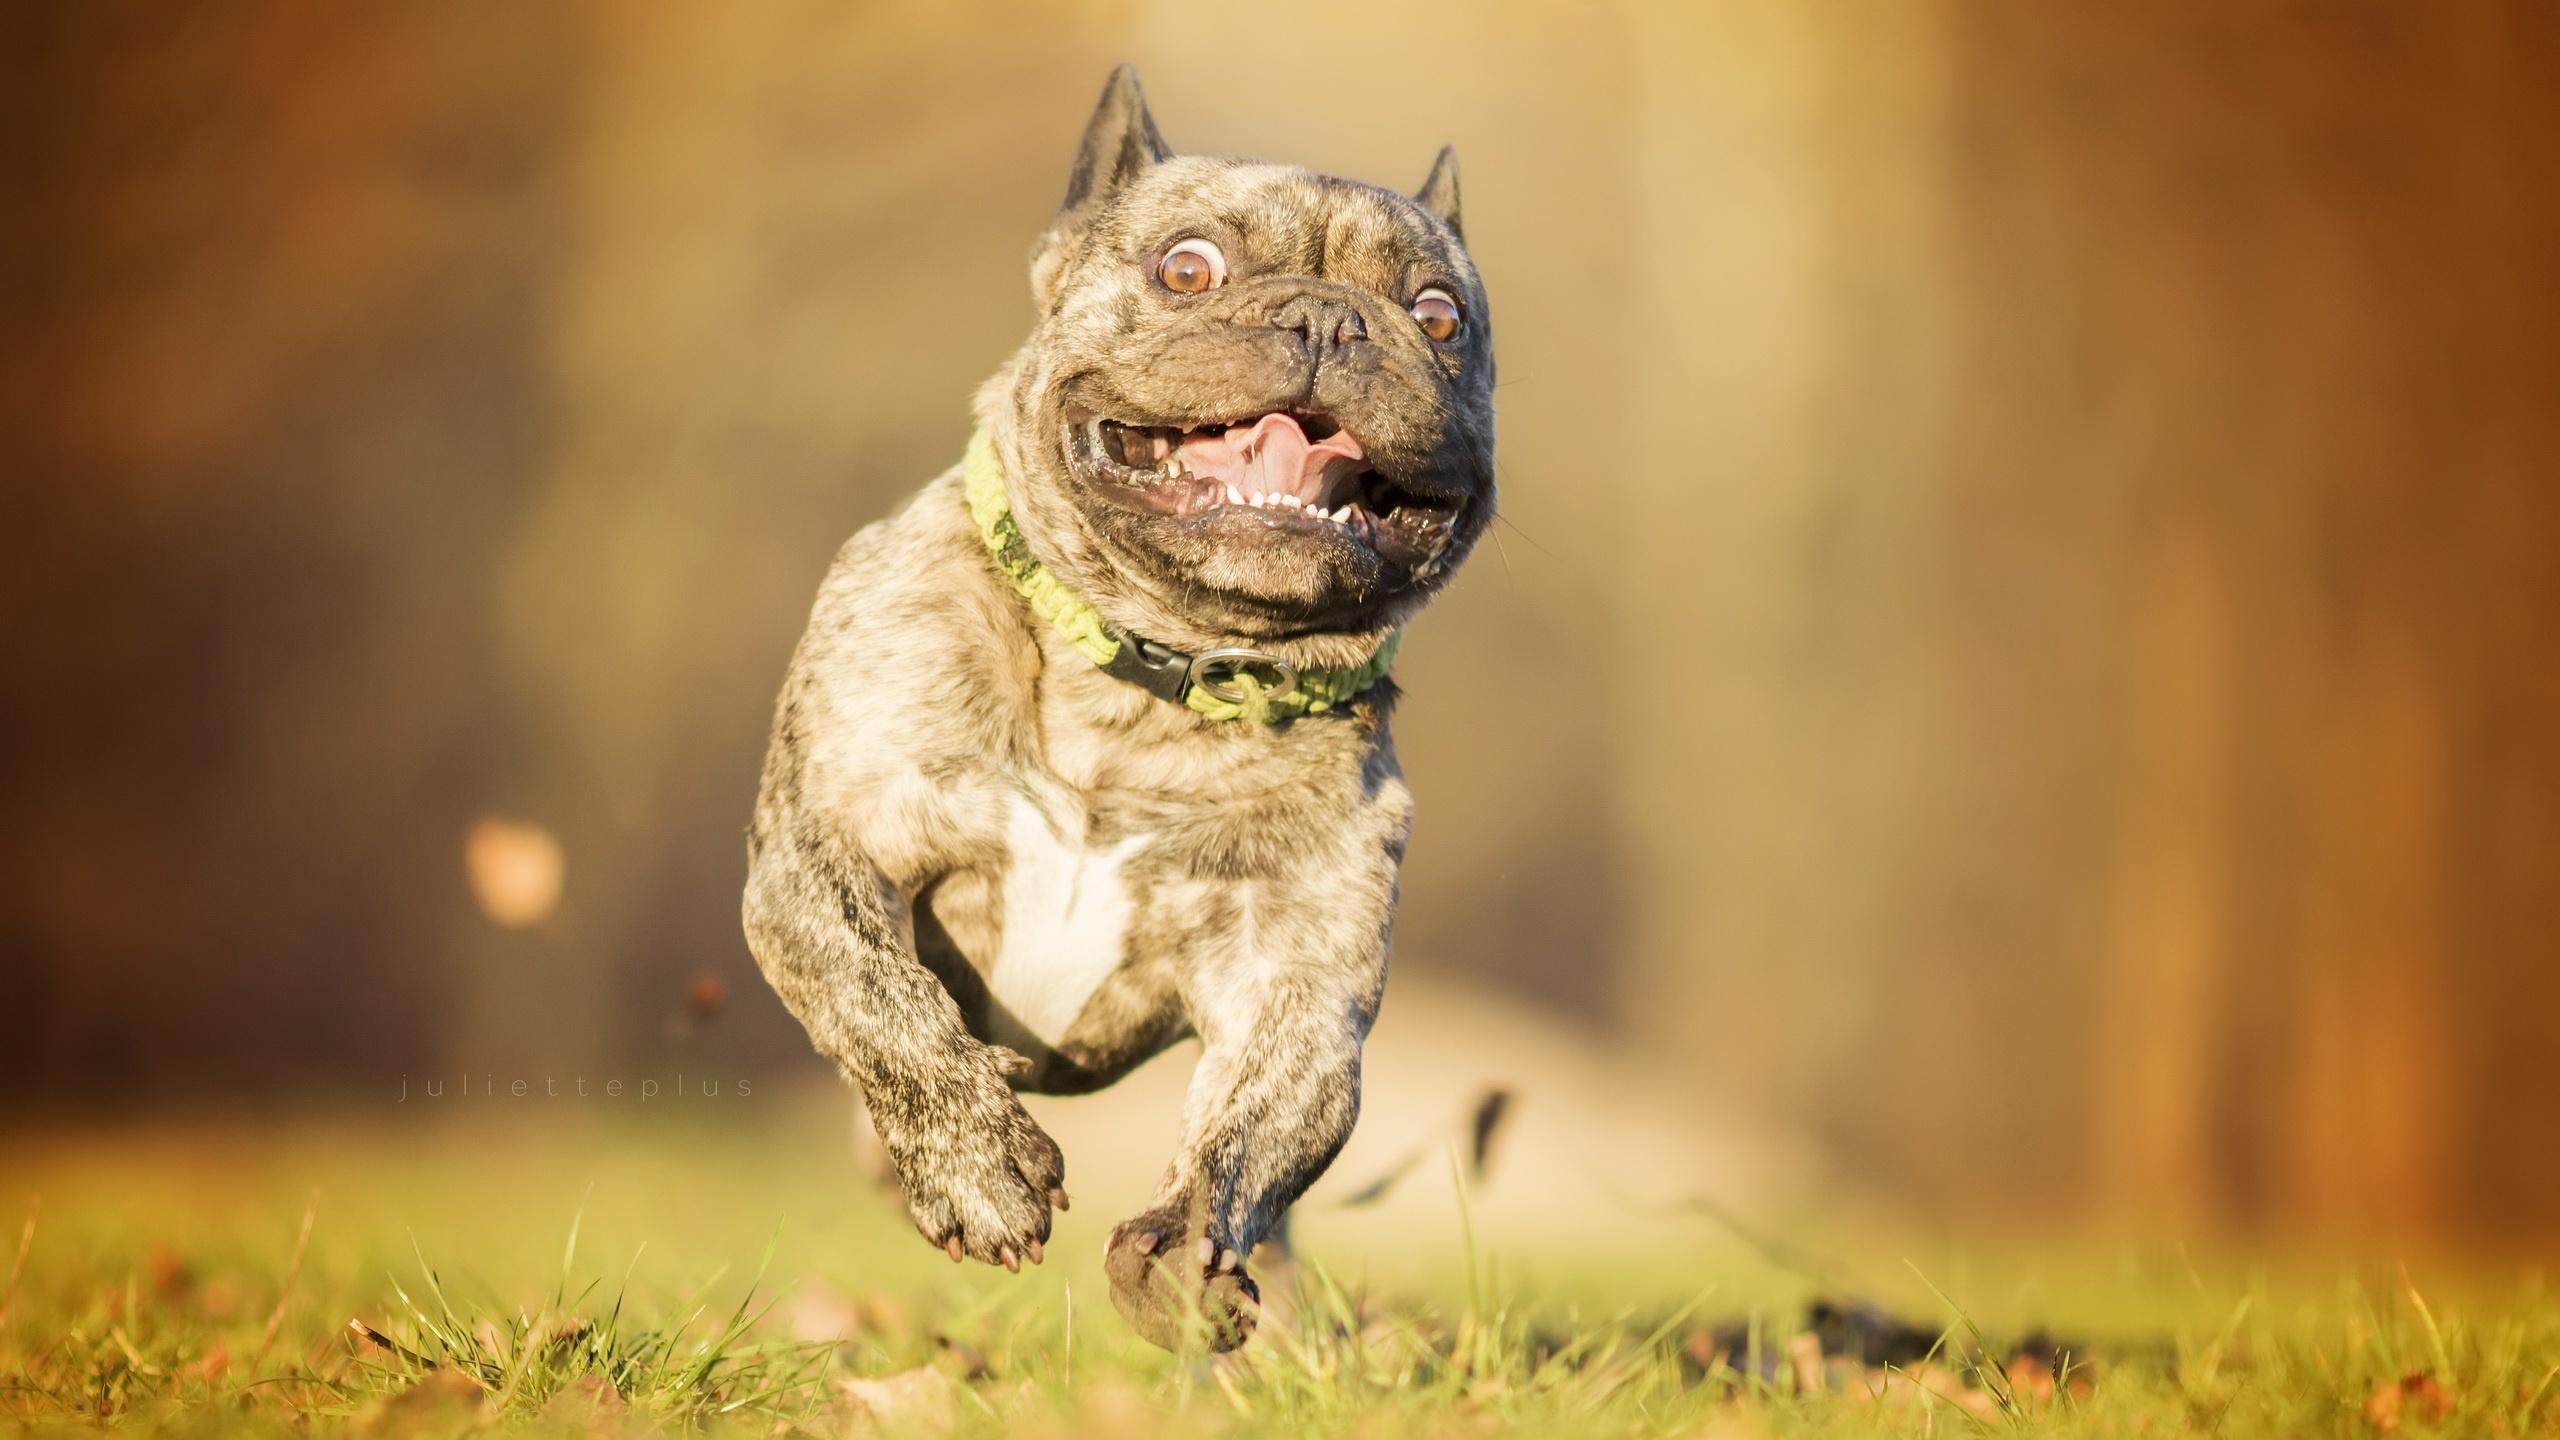 Собака животное французский бульдог  № 2228267 бесплатно